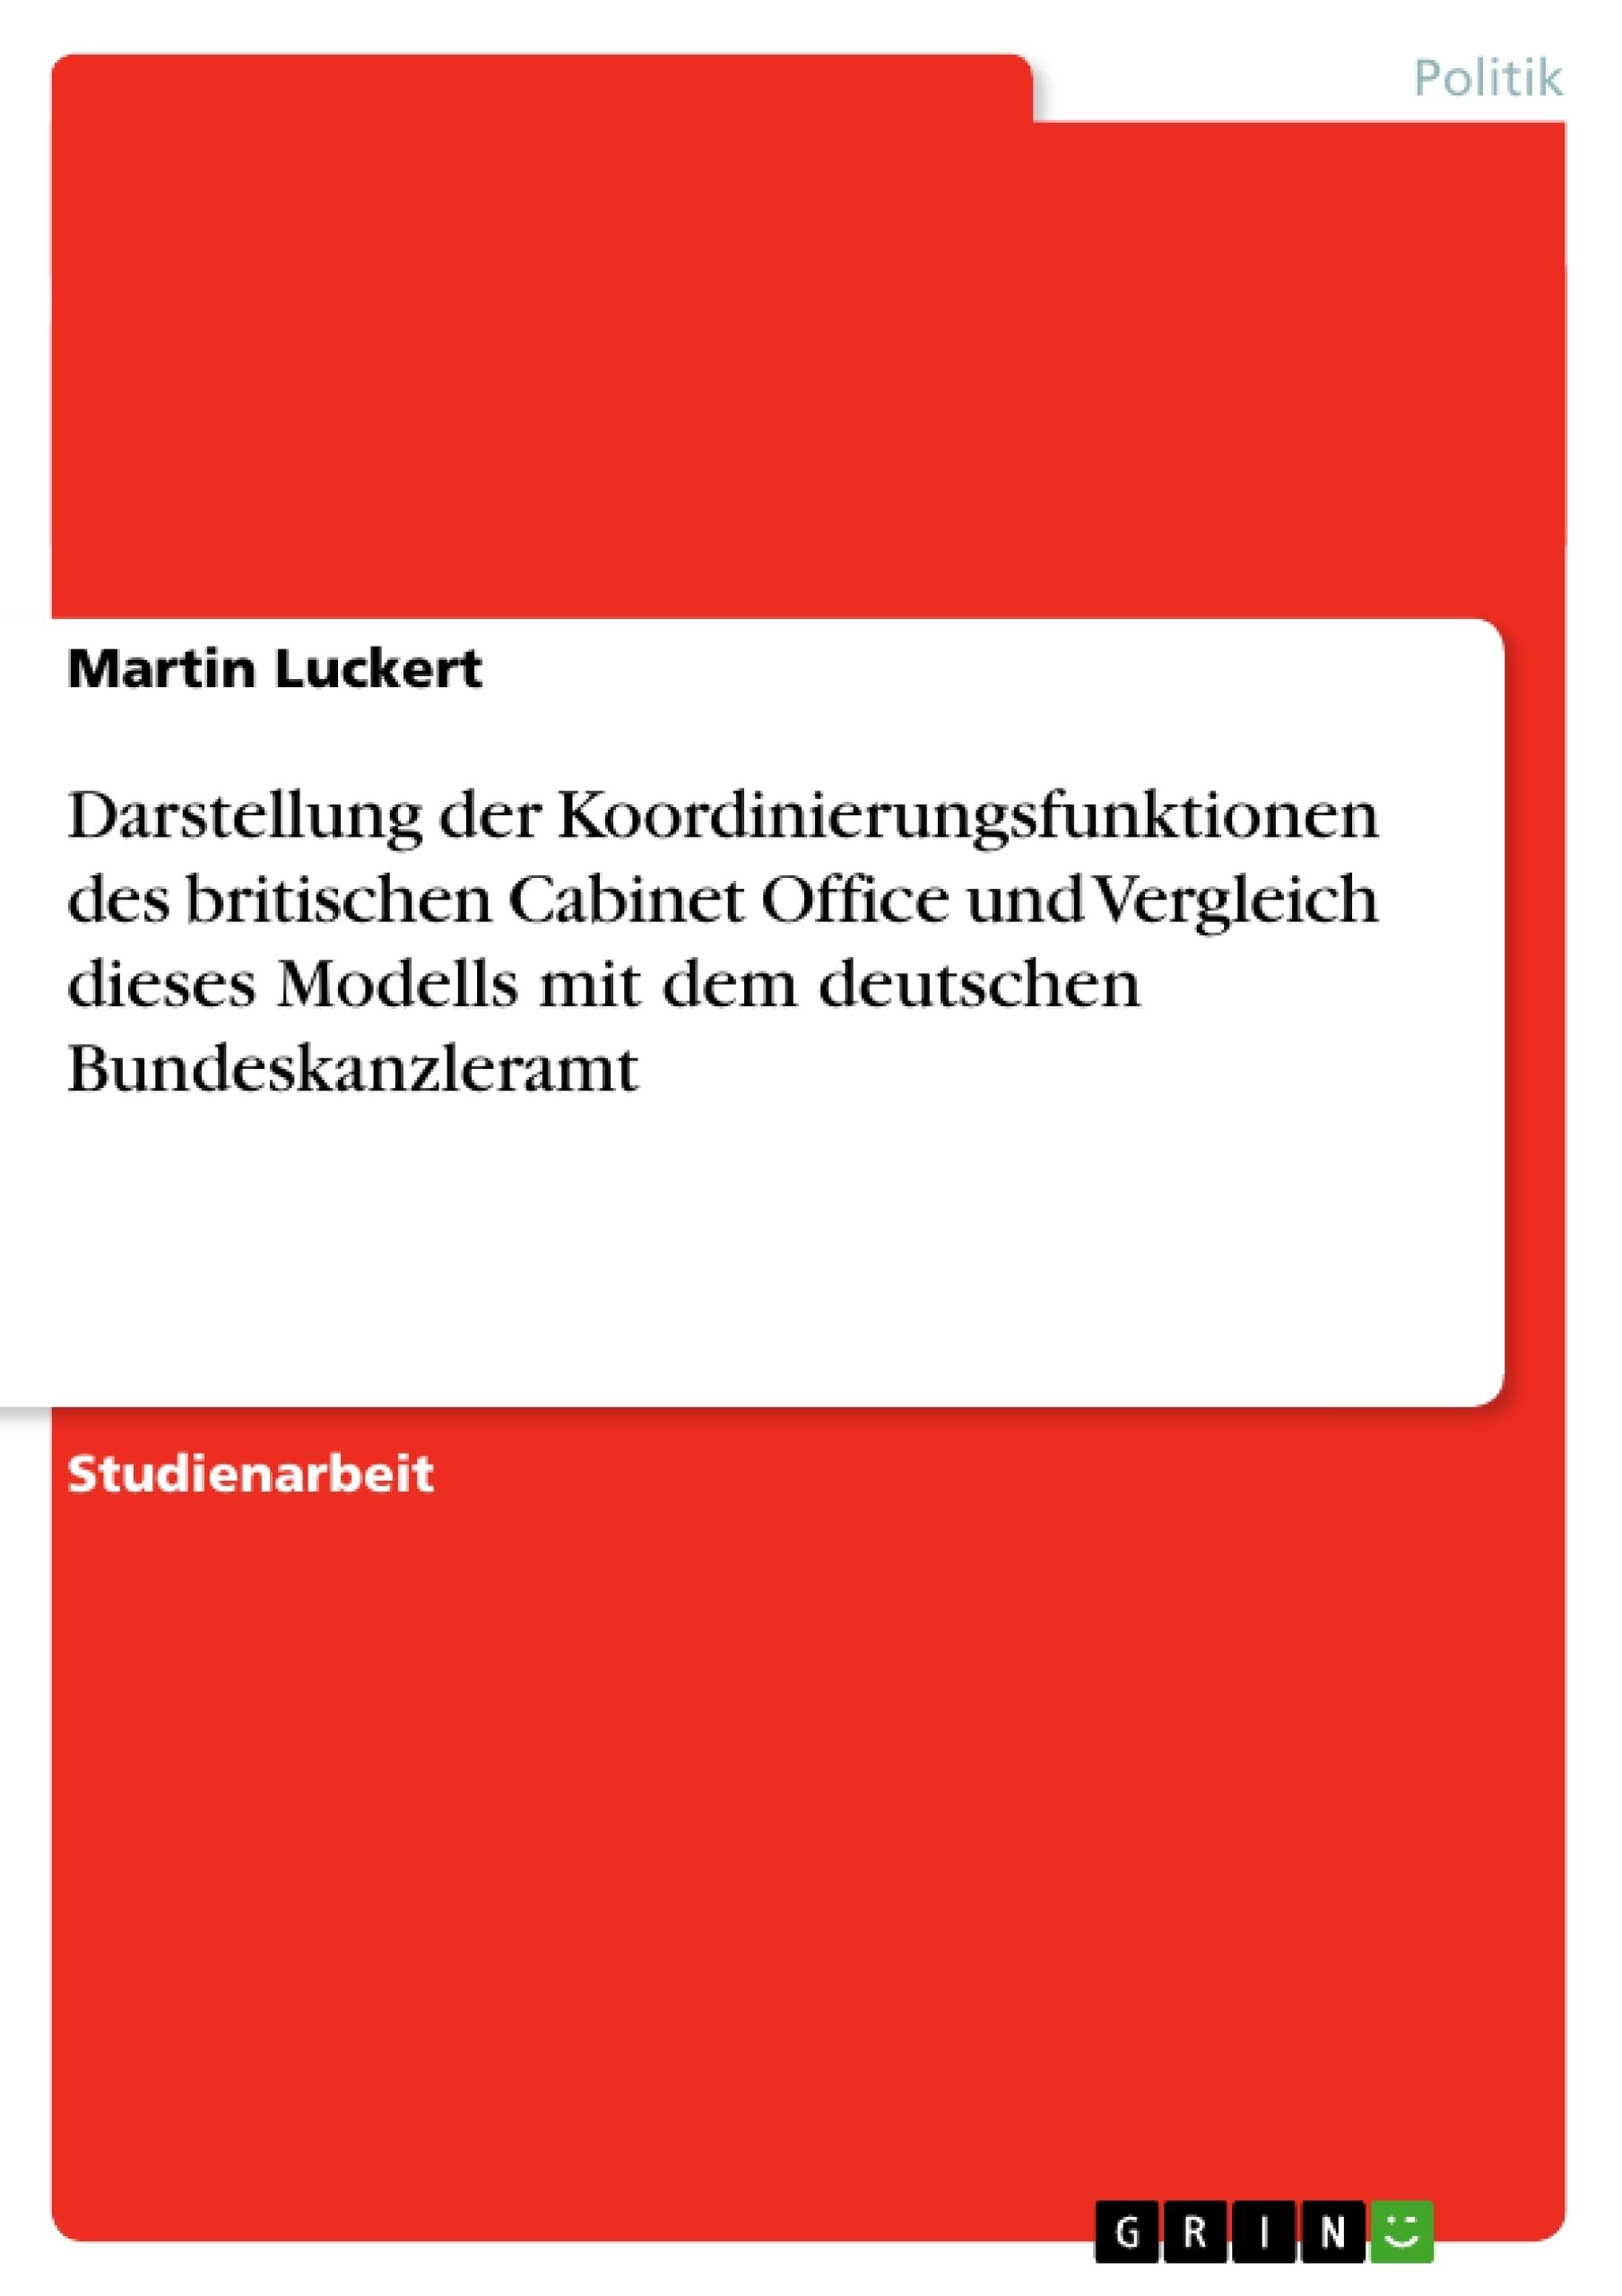 Titel: Darstellung der Koordinierungsfunktionen des britischen Cabinet Office und Vergleich dieses Modells mit dem deutschen Bundeskanzleramt